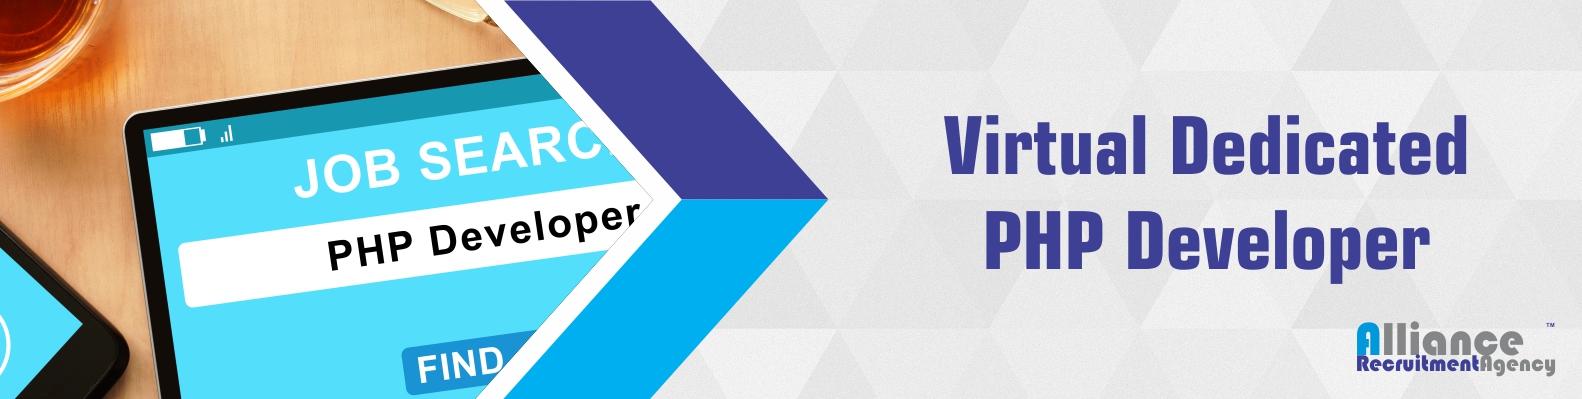 Hire virtual php web developer